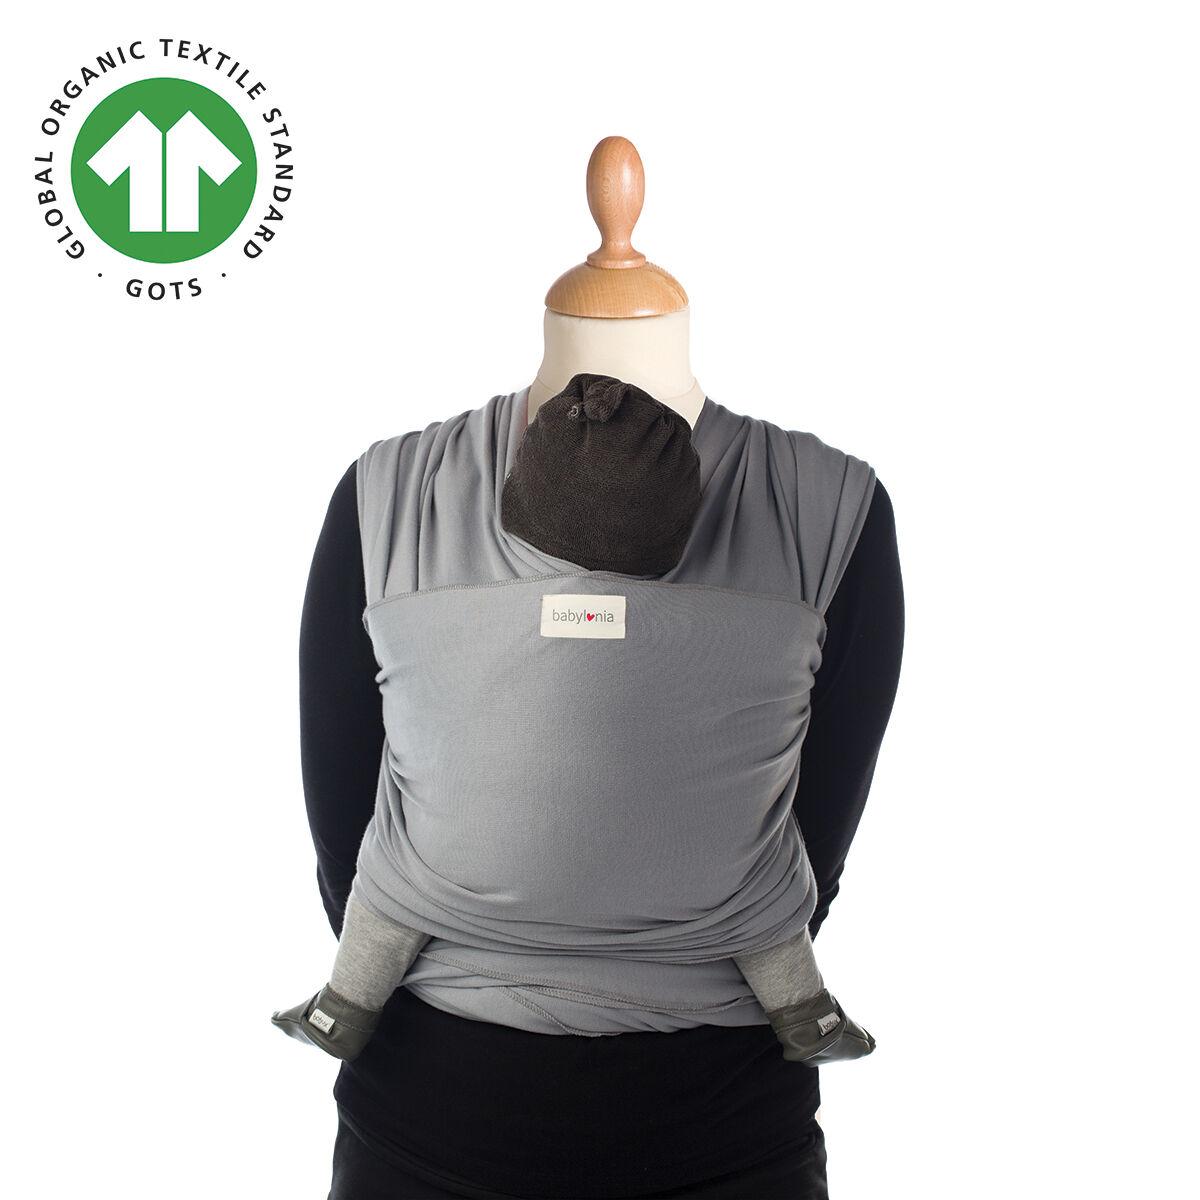 Babylonia Baby Carriers Écharpe de portage extensible en coton biologique Tricot-Slen Organic GRIS Babylonia Baby Carriers